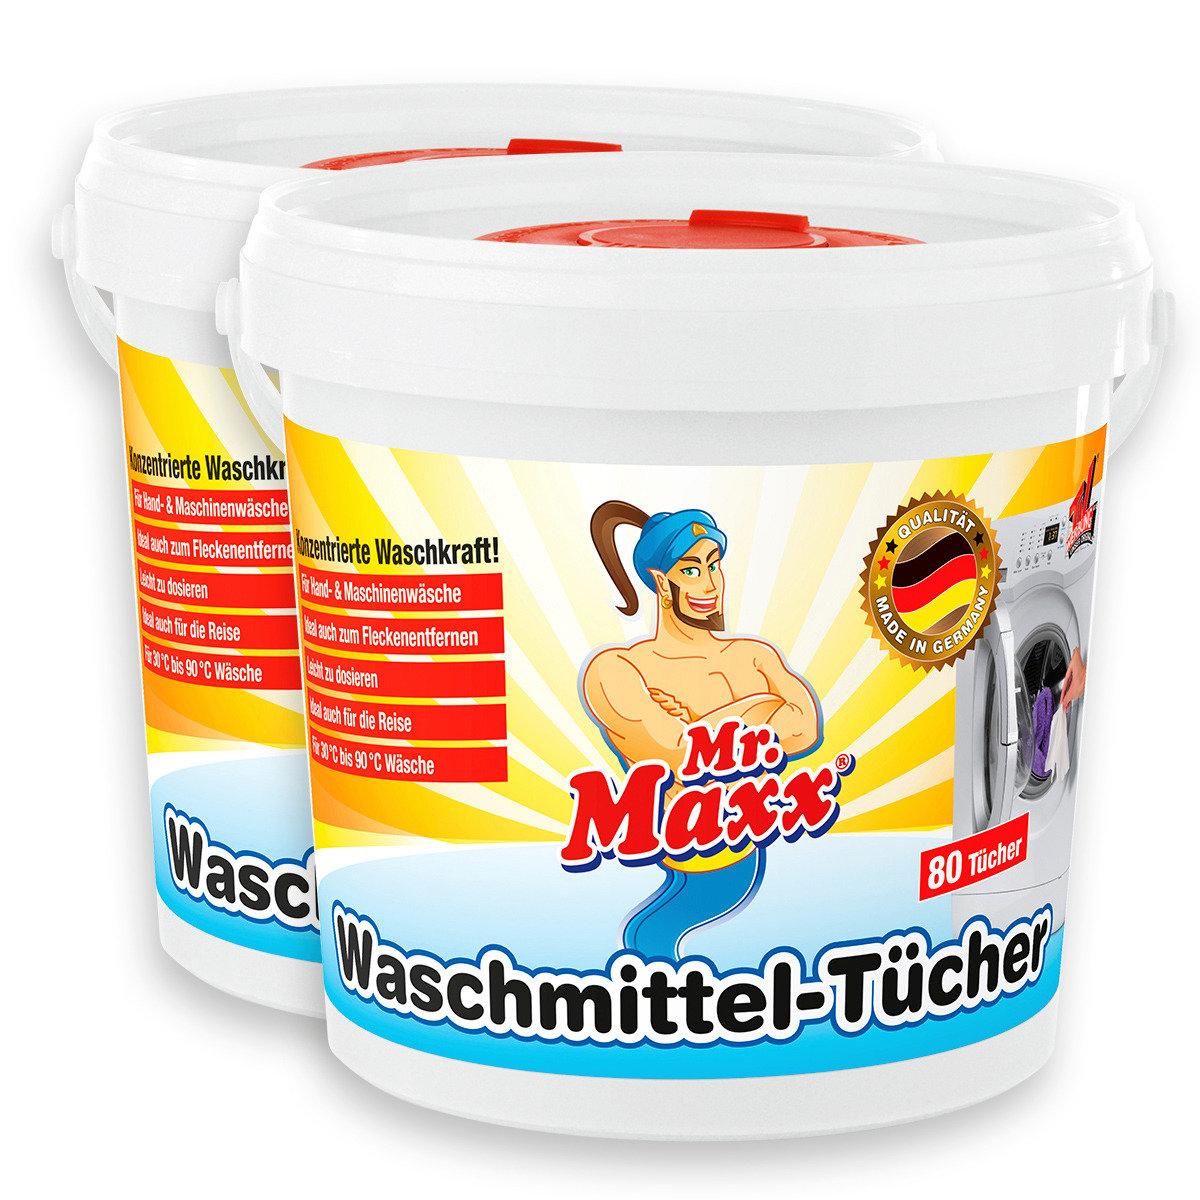 Waschmittel-Tücher Sauber & Rein, 160 Stück | #2